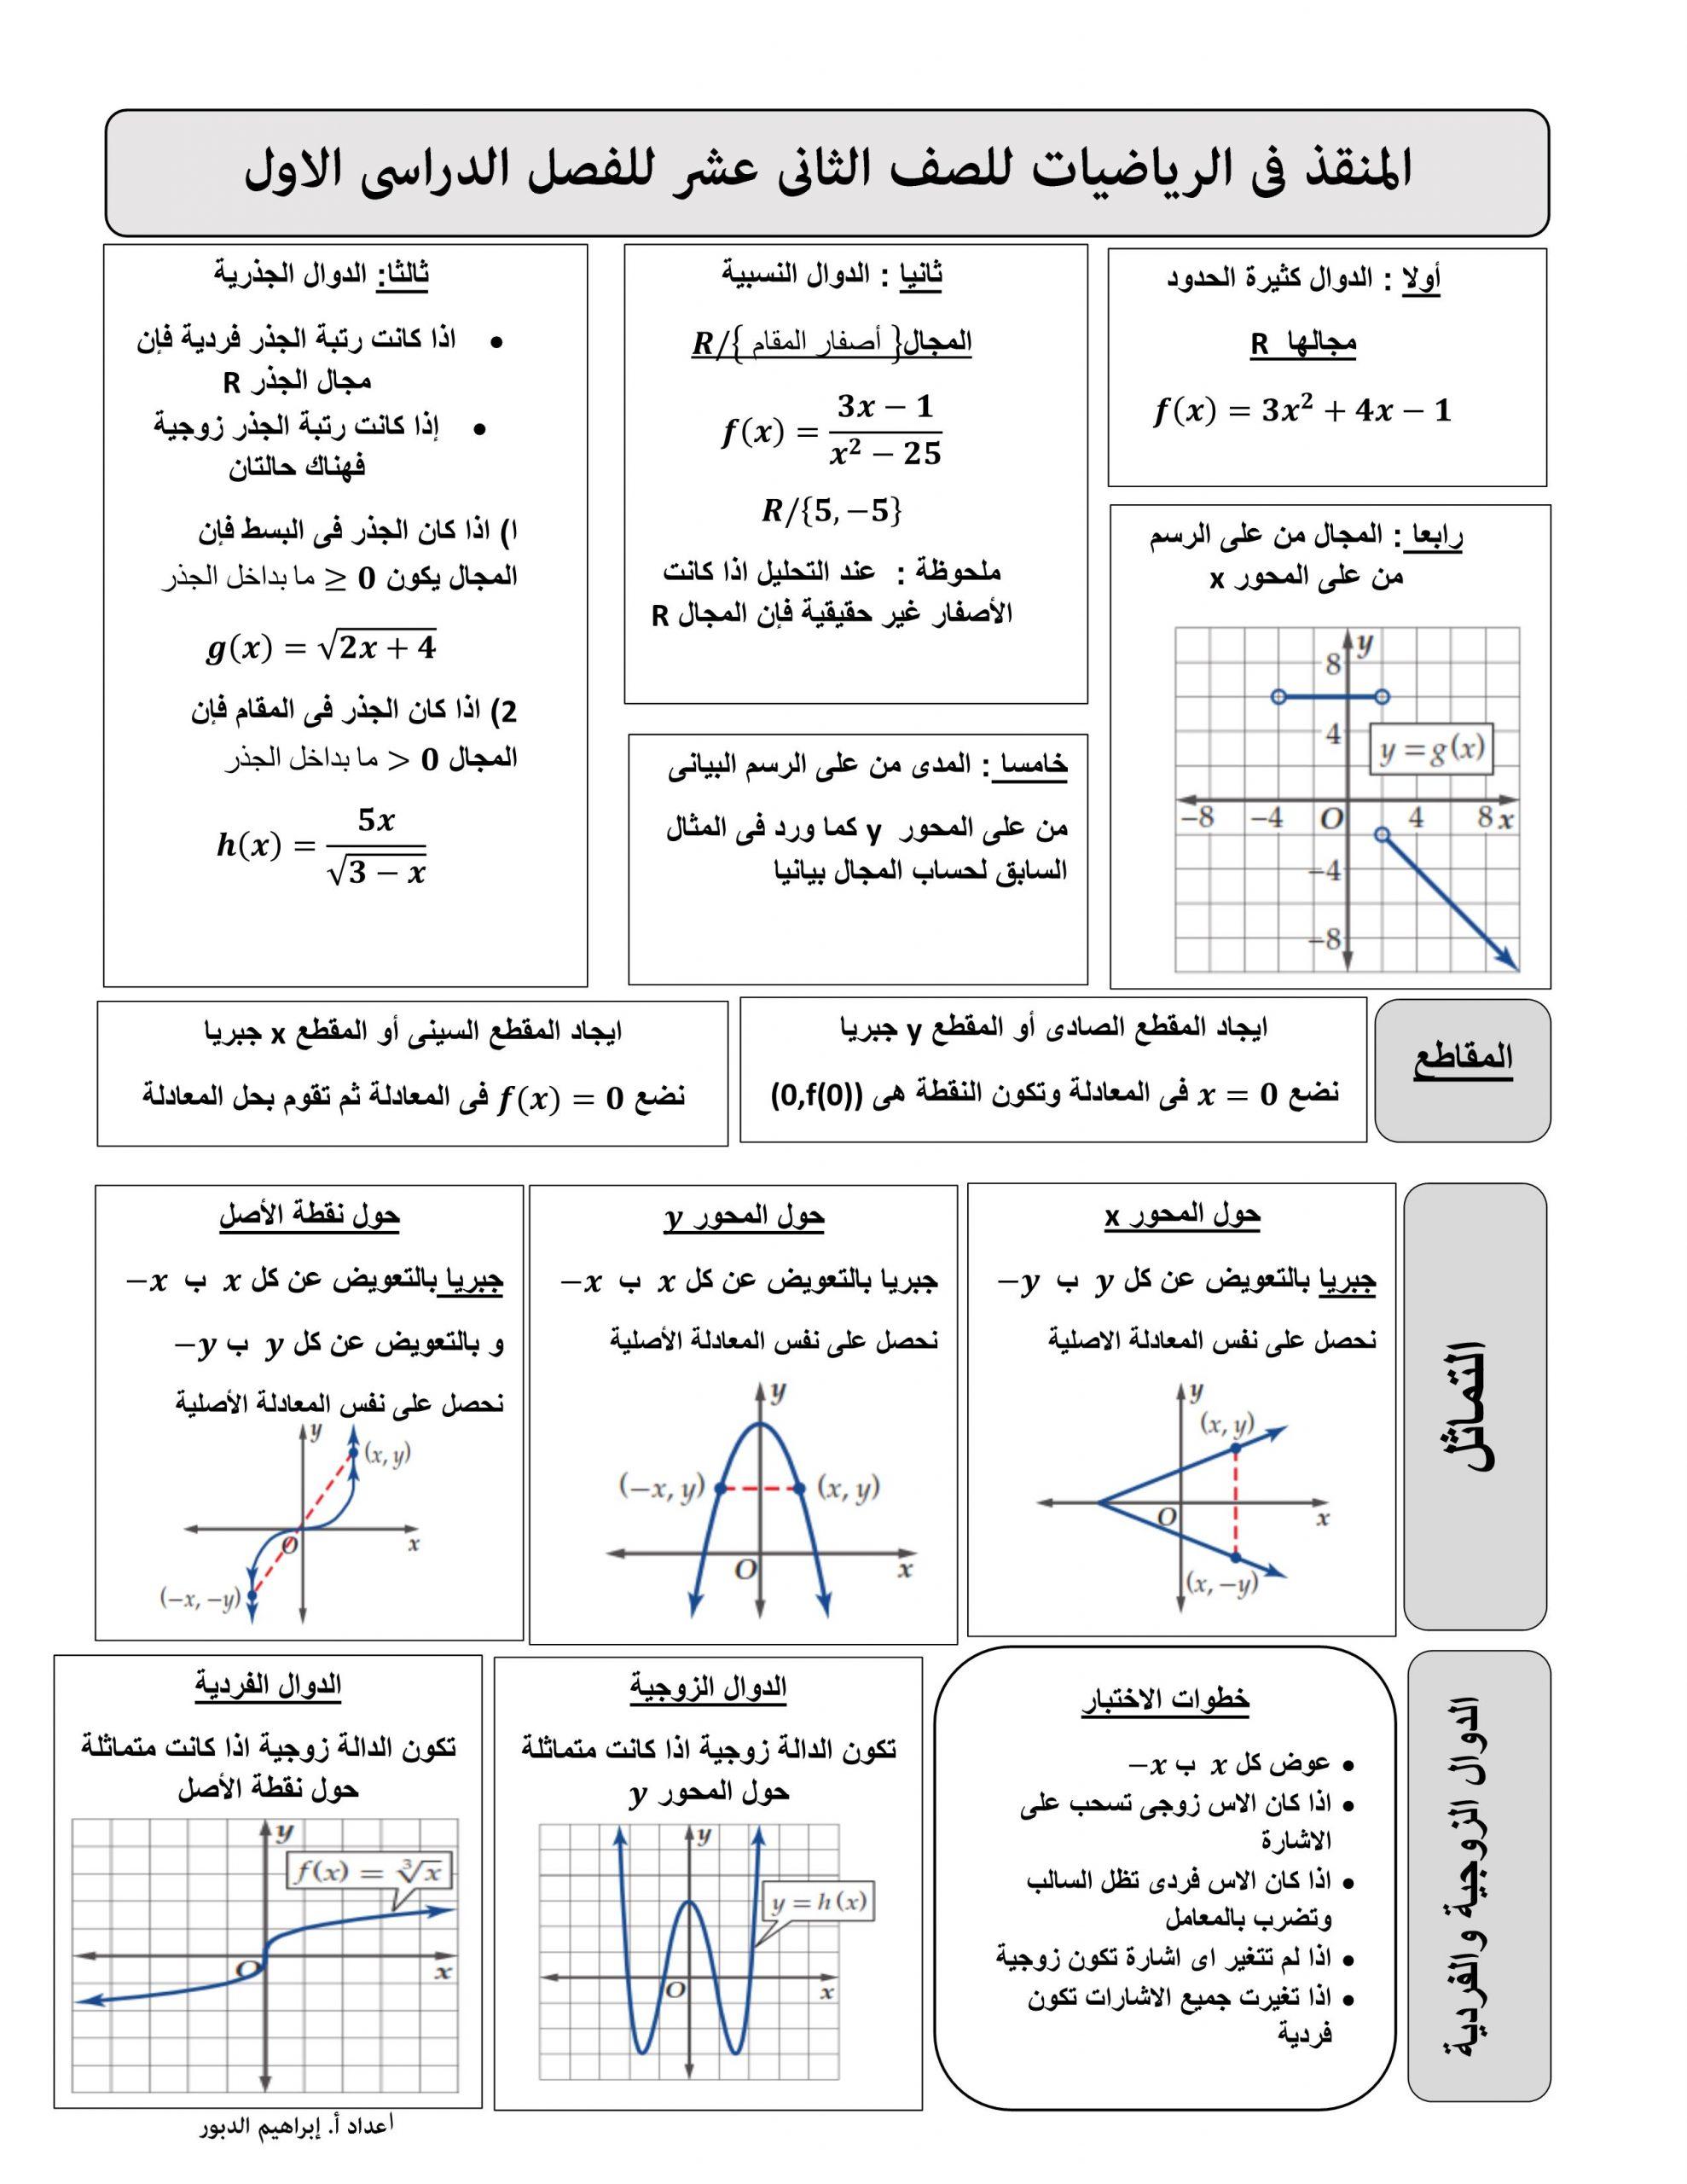 مذكرة المنقذ الفصل الدراسي الاول للصف الثاني عشر مادة الرياضيات المتكاملة